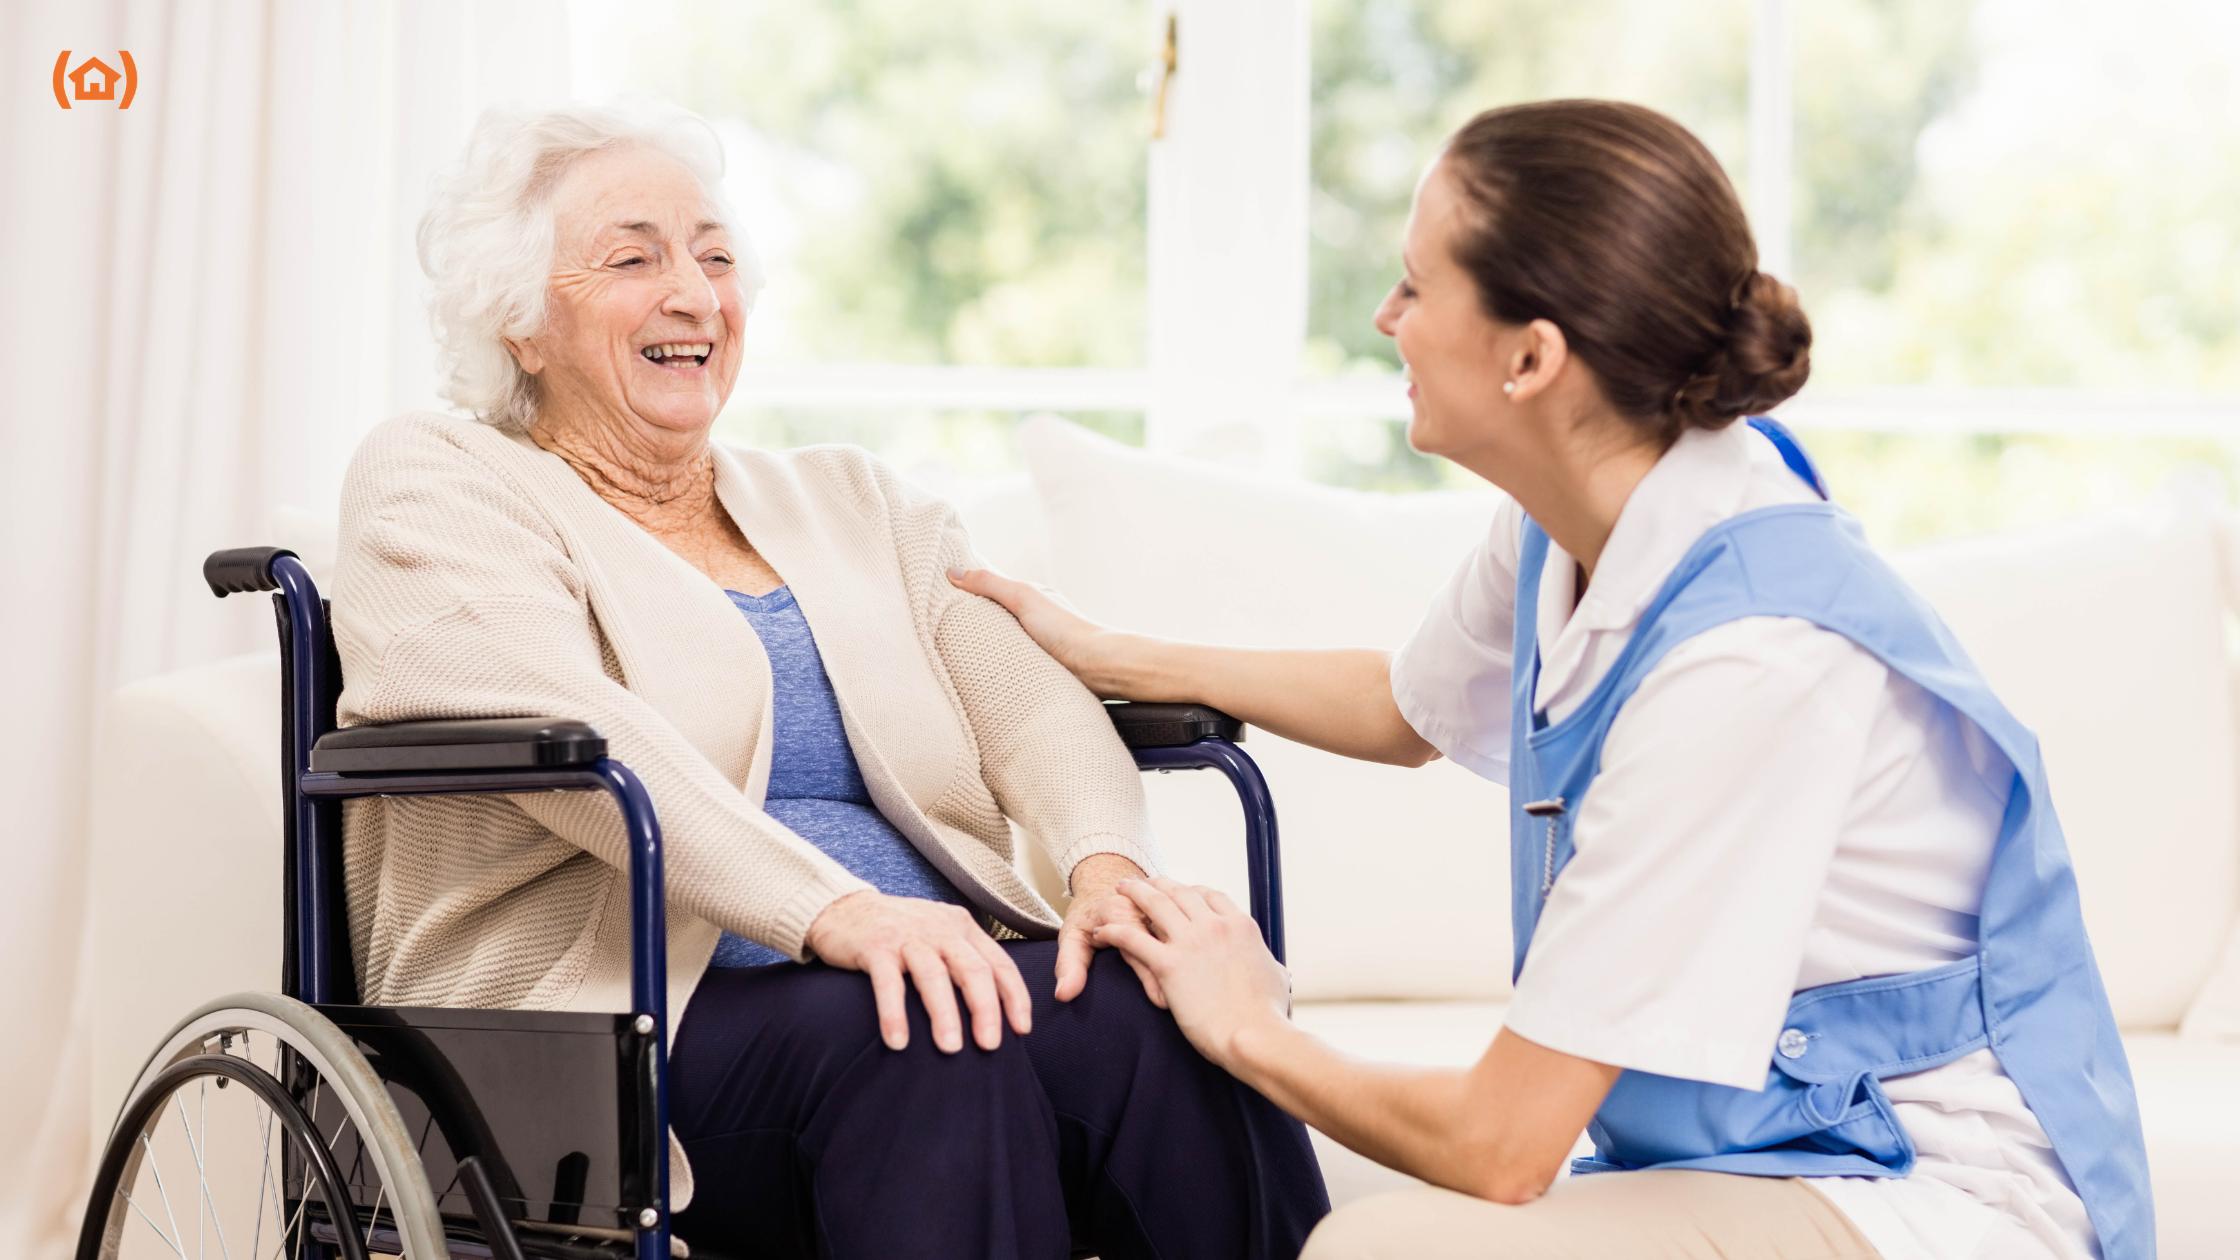 La asistencia domiciliaria está ganando cada vez más protagonismo debido a la flexibilidad y autonomía que ofrece a los mayores, que pueden seguir con sus rutinas sin salir del entorno familiar.